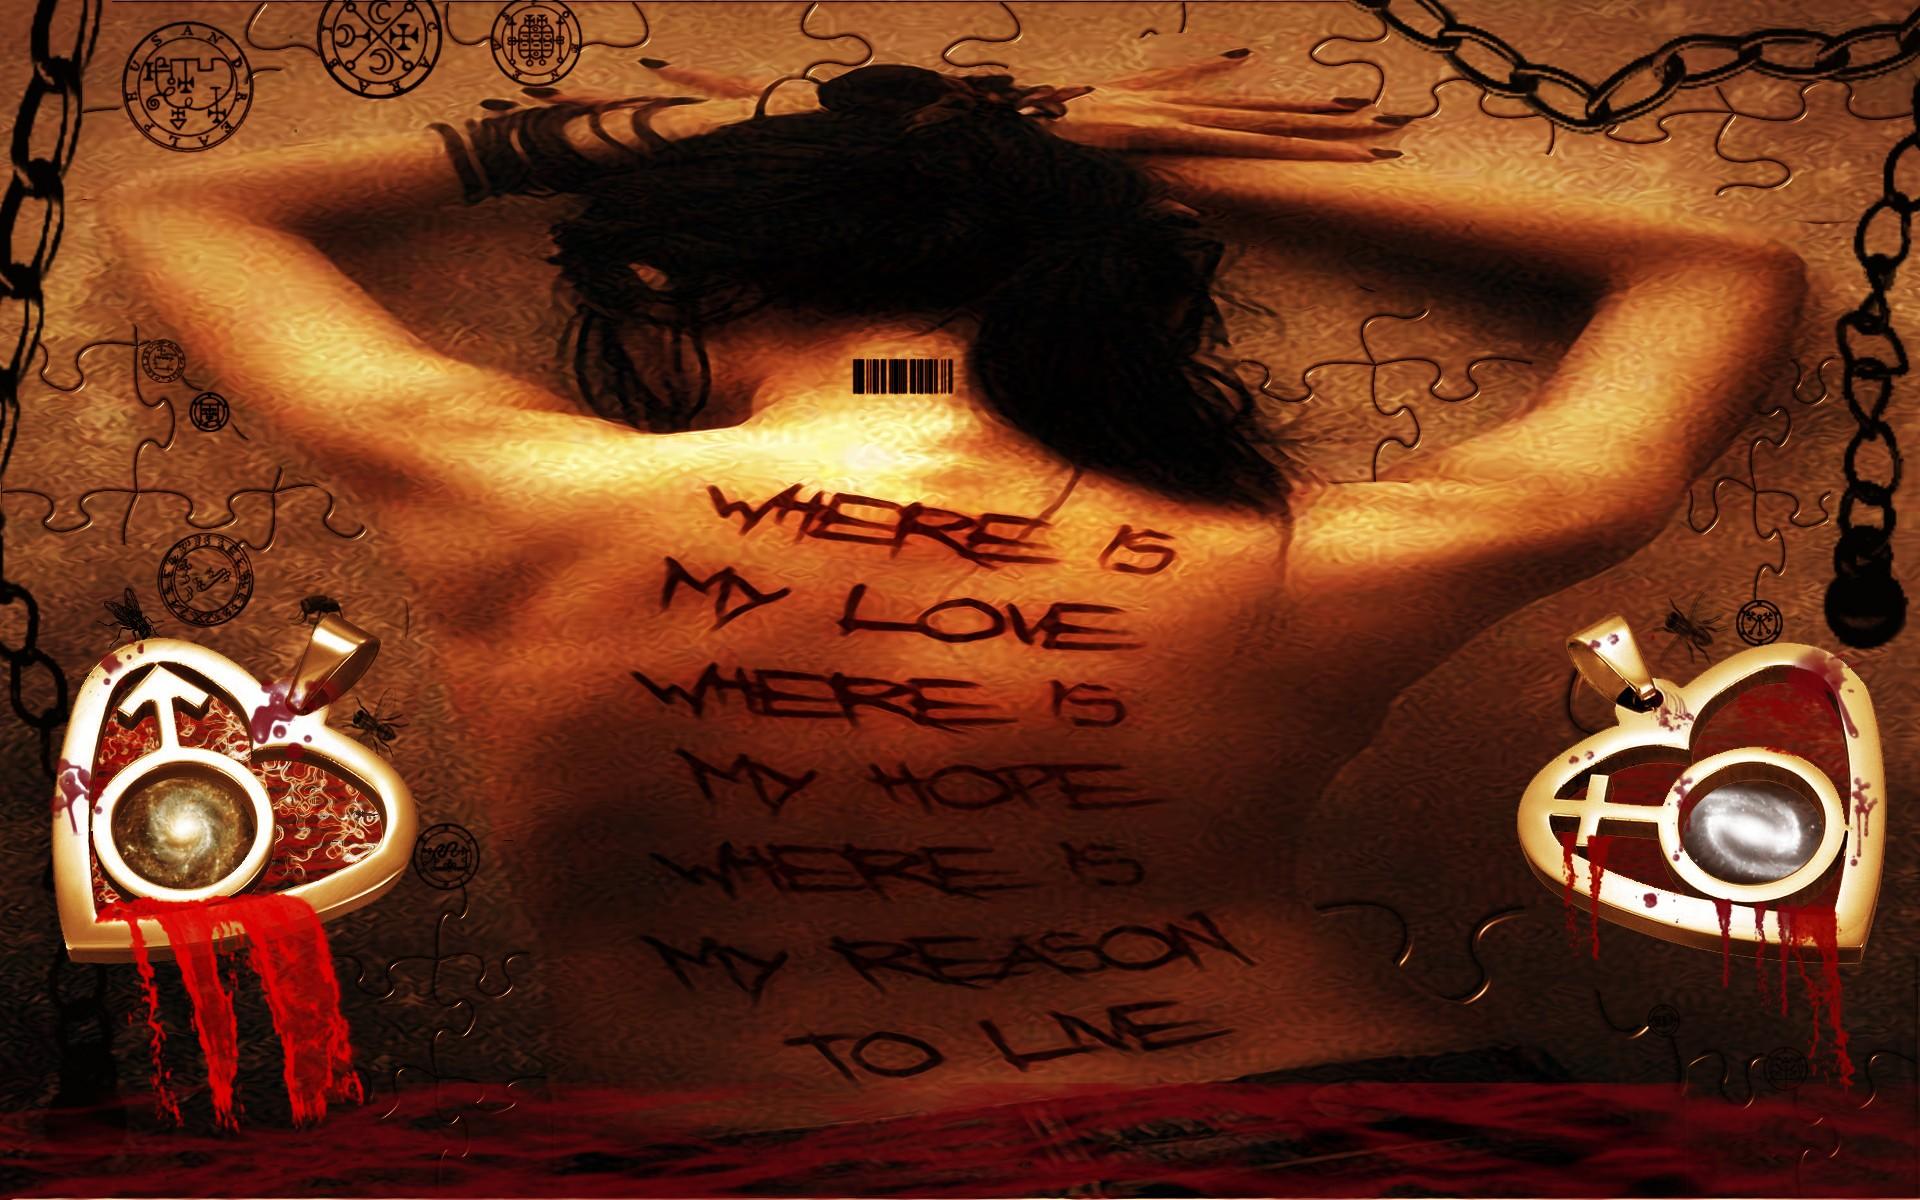 Painful Love Wallpaper Desktop : Love Pain Wallpaper - WallpaperSafari